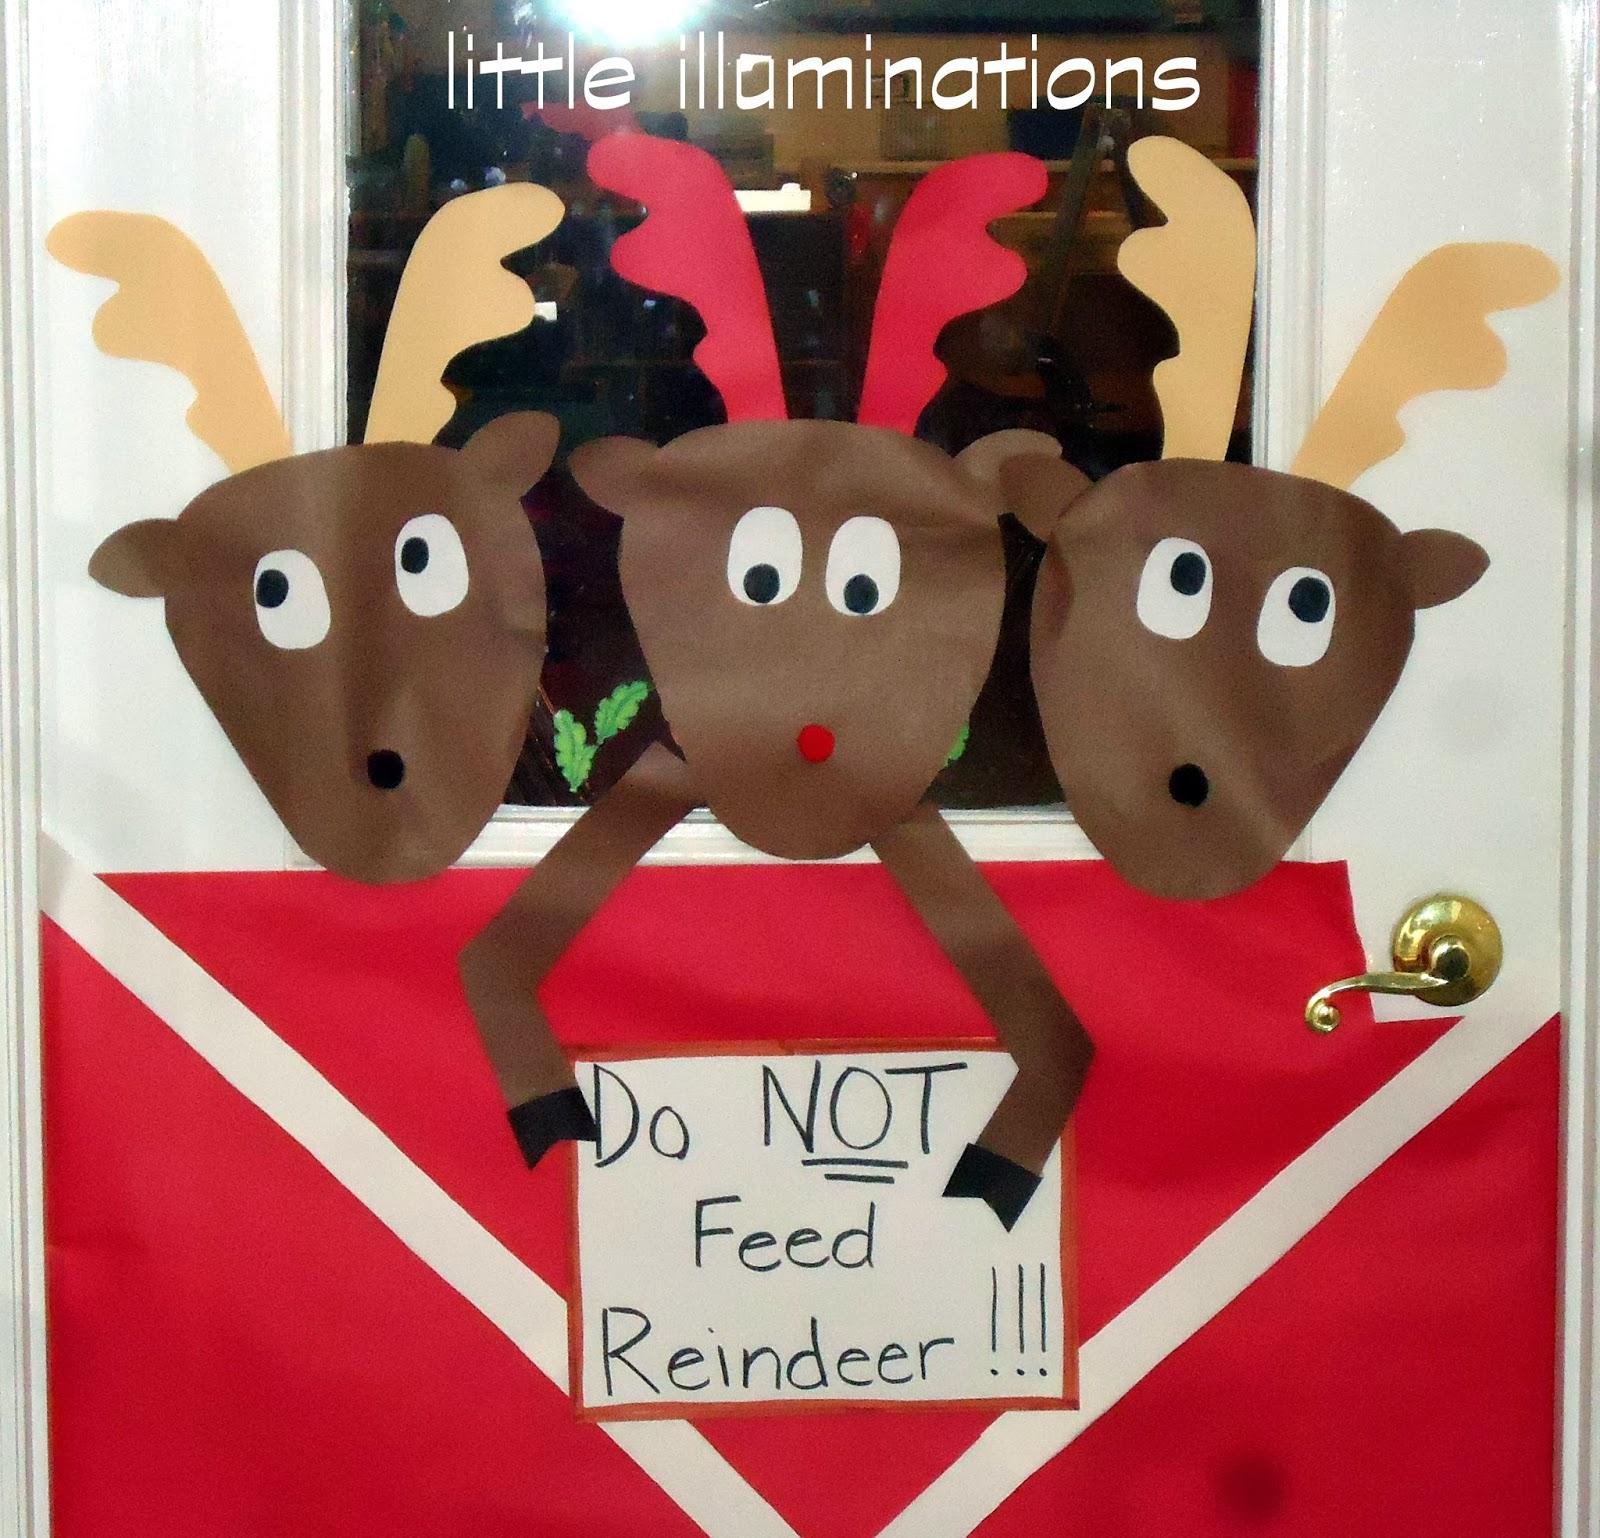 Christmas door decorations reindeer - Trendy Reindeer Stable Christmas Door Decorating Ideas Reindeer Stable Christmas Door Decorating Ideas 1600 X 1538 416 Kb Jpeg